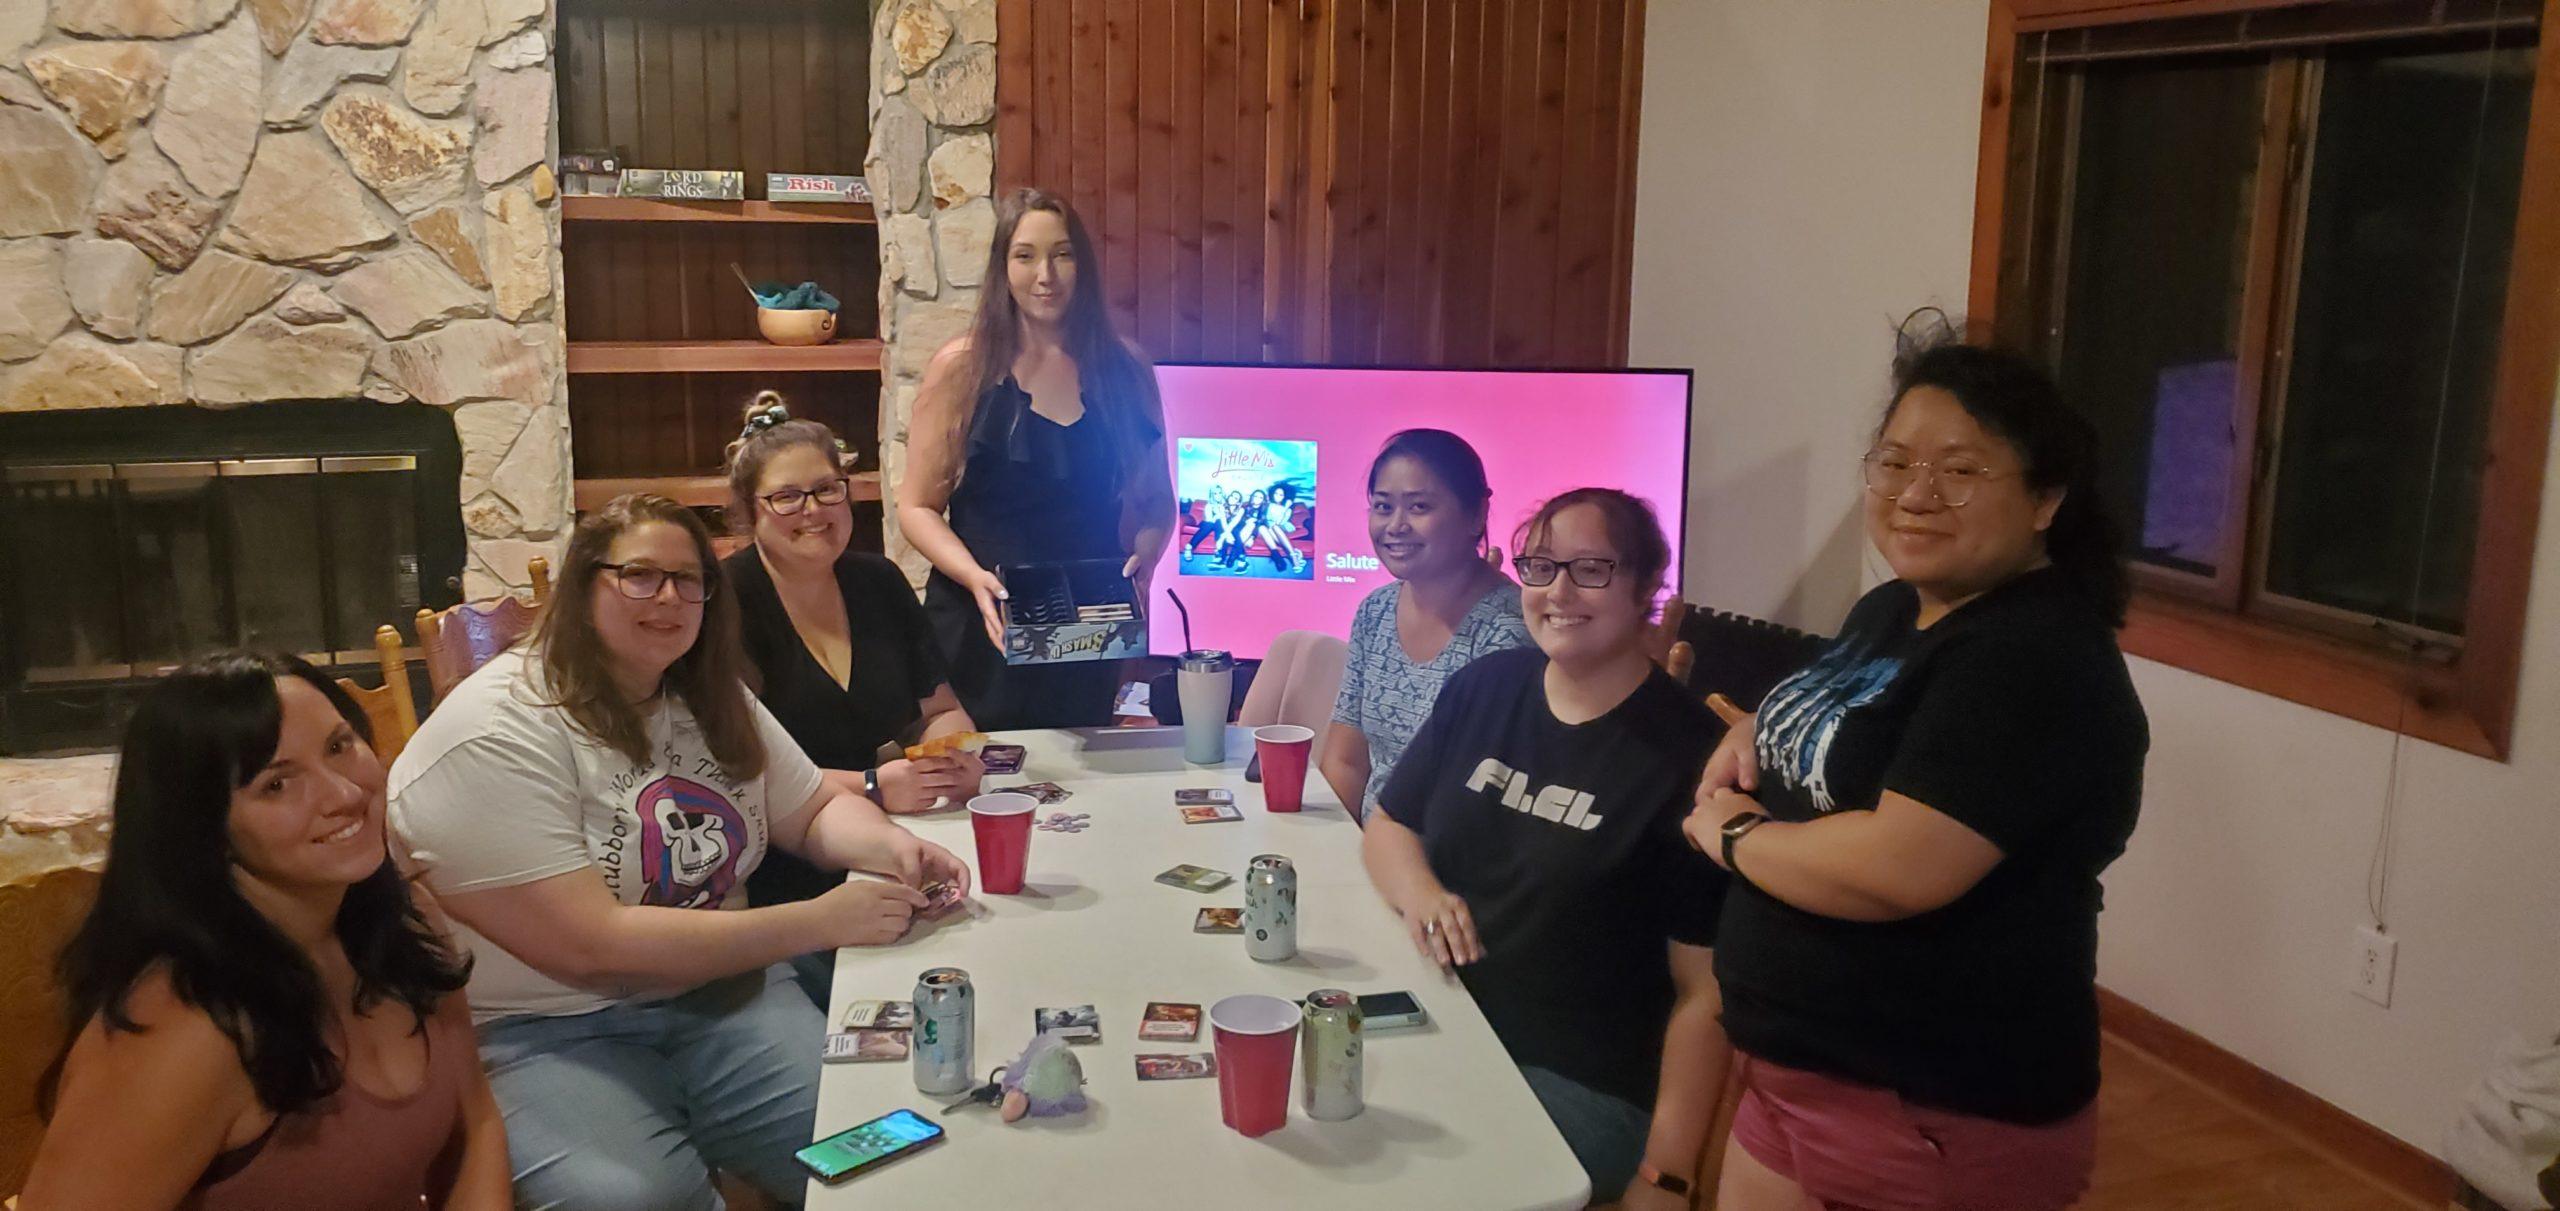 Geek Girl Brunch Gainesville's Game Night 1.0